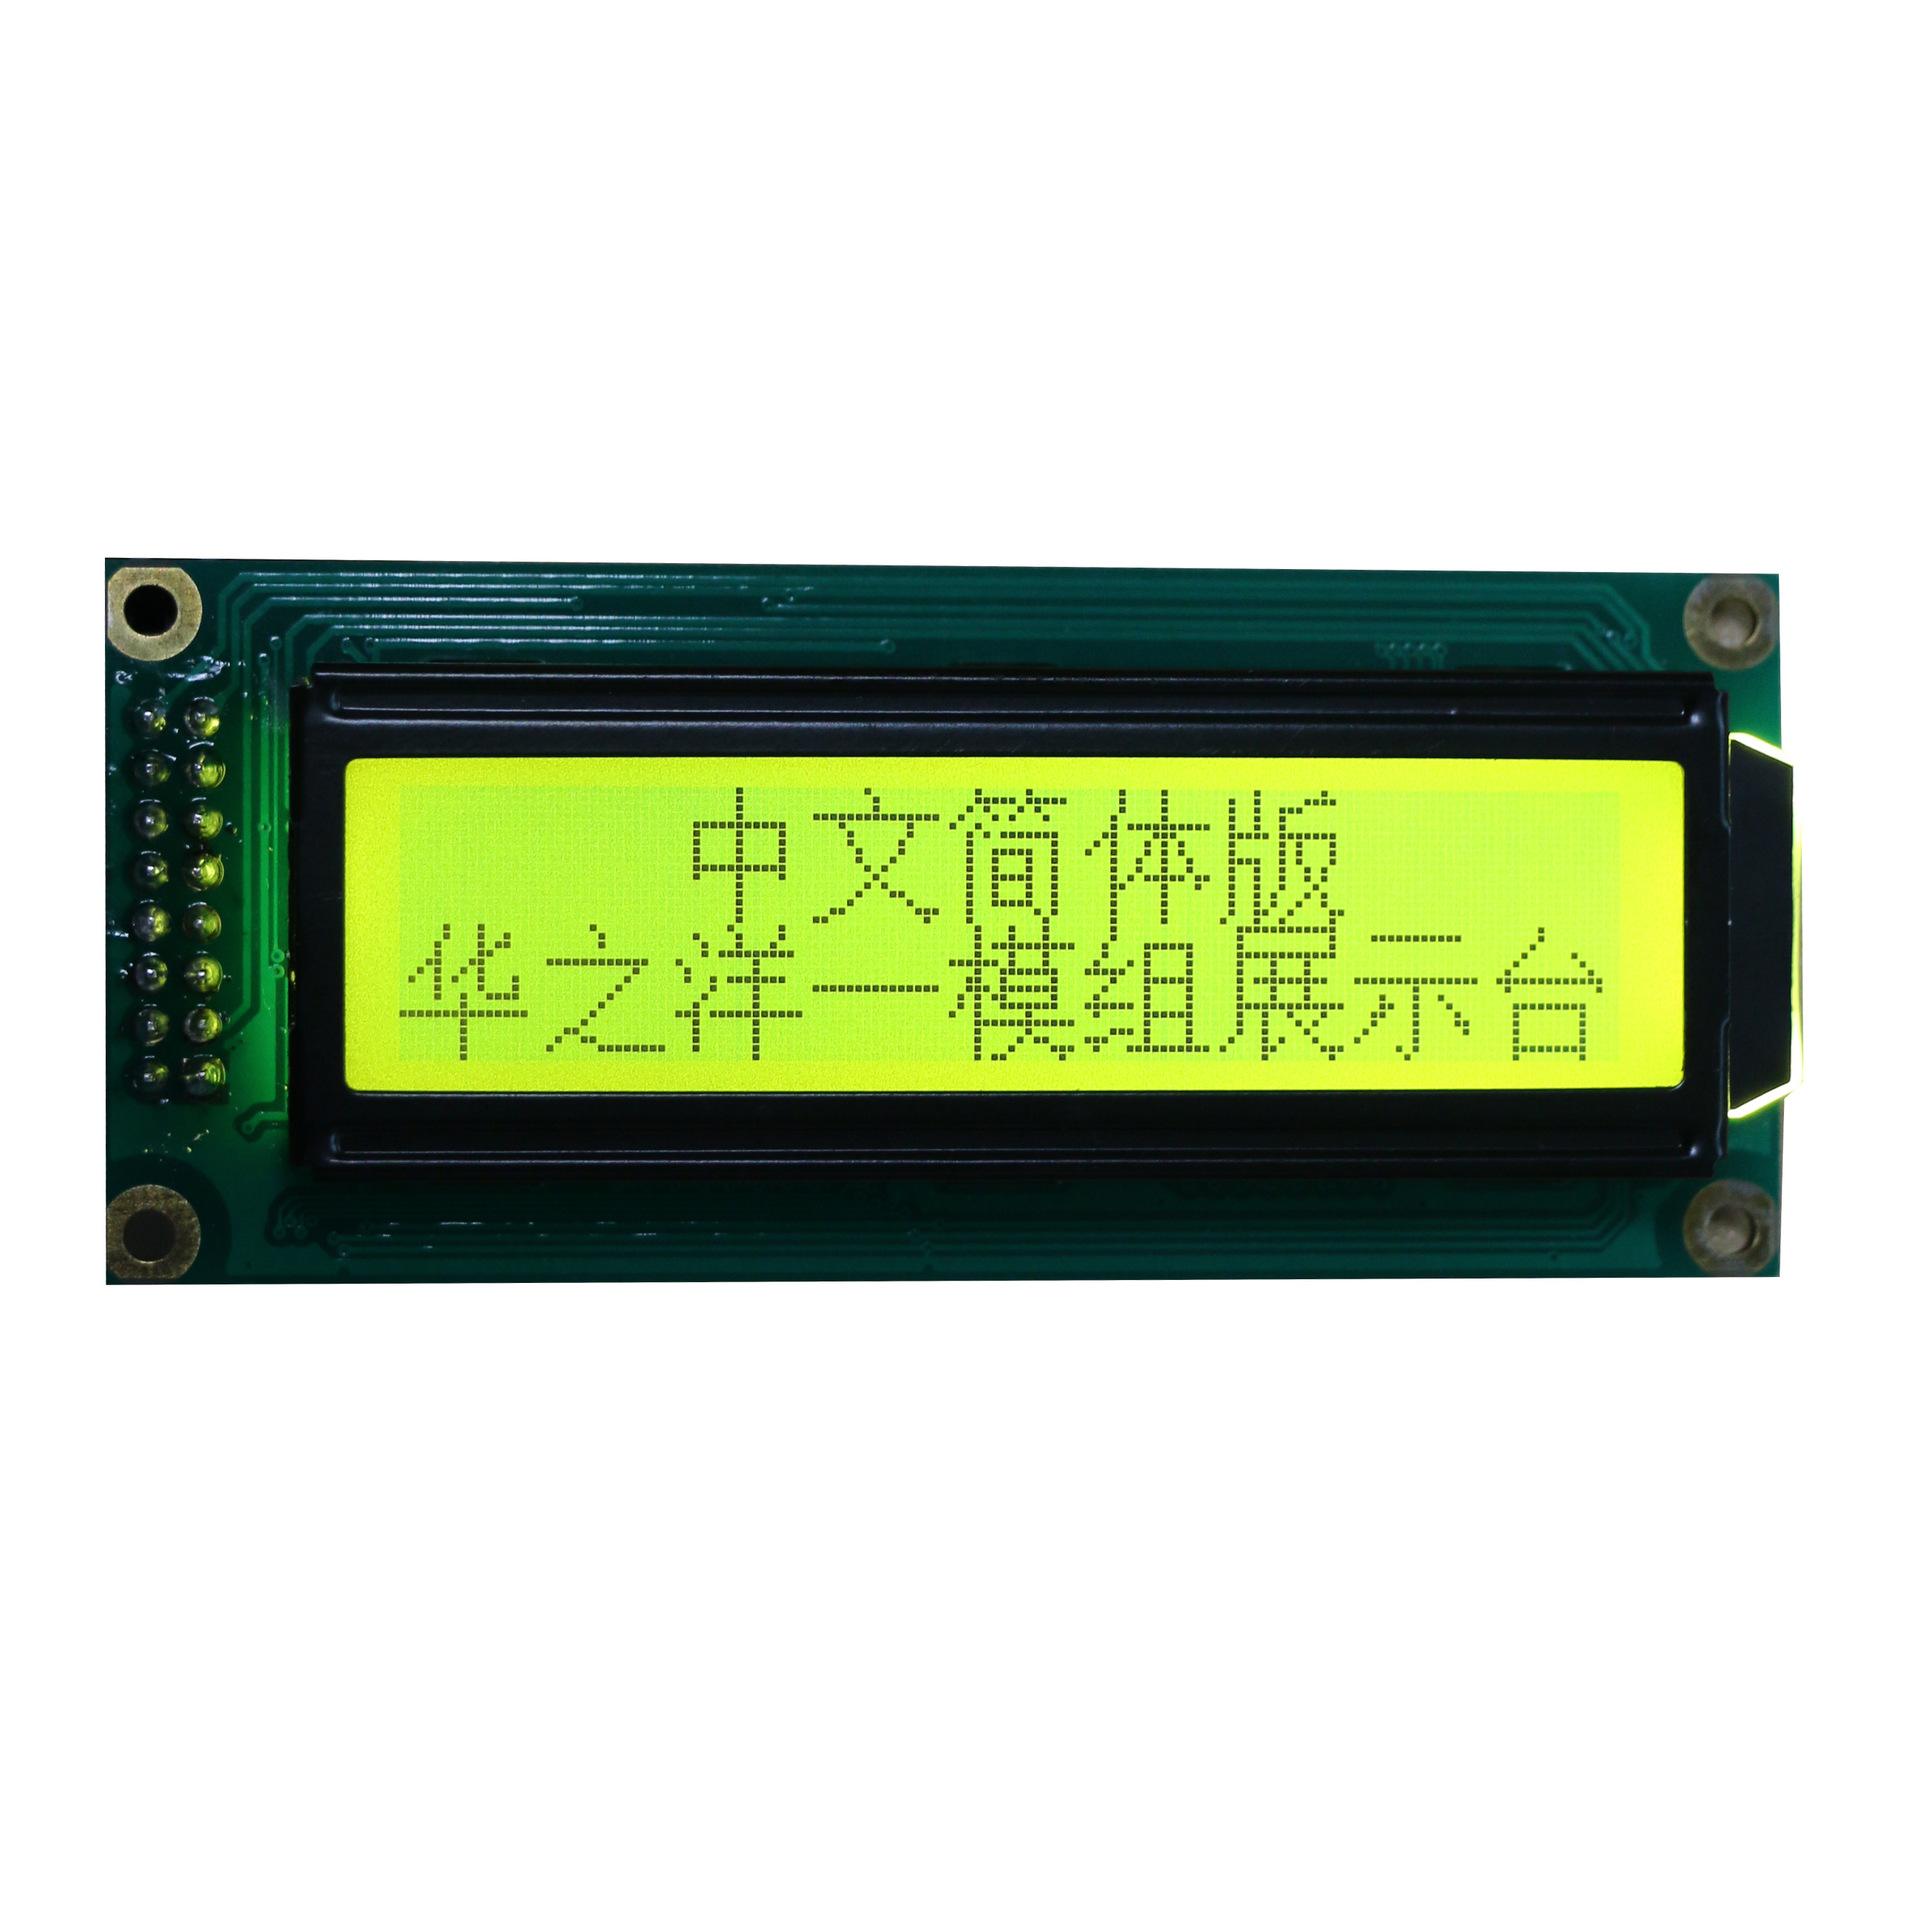 Nhà máy sản phẩm chính màn hình LCD sản xuất công nghiệp cấp 14432 dot matrix LCD module